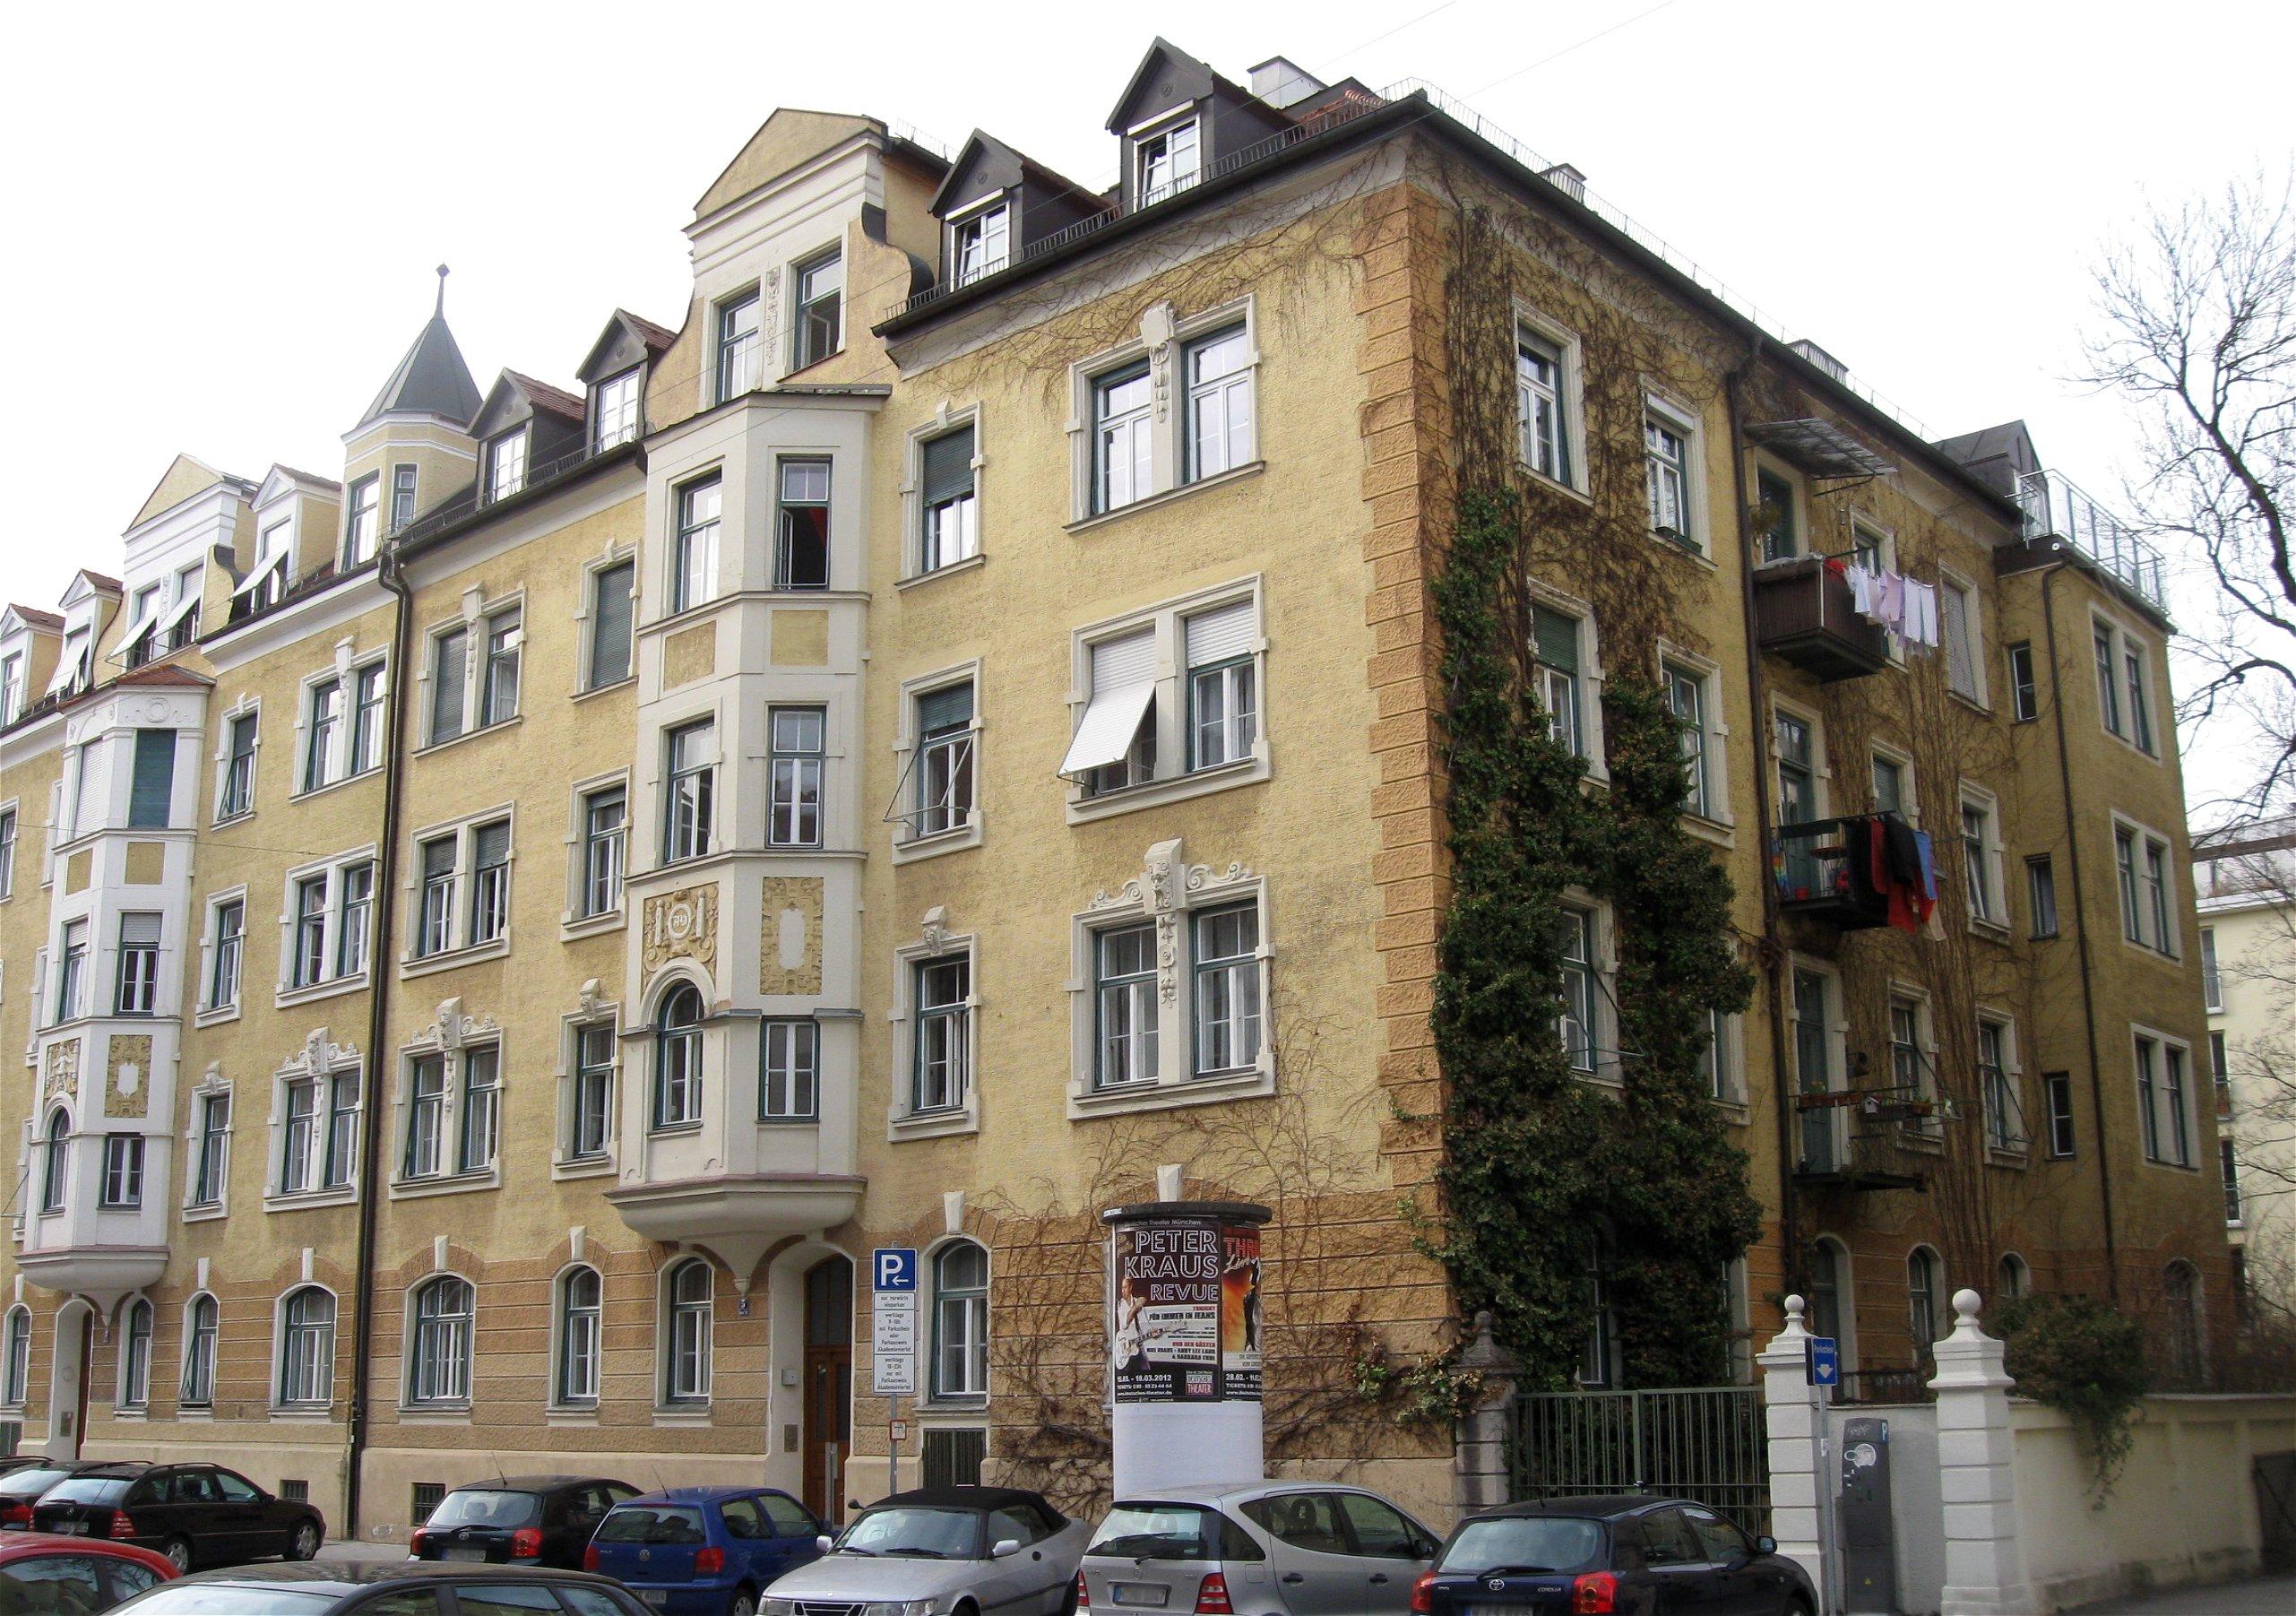 File:Konradstr. 5 Muenchen-2.jpg - Wikimedia Commons